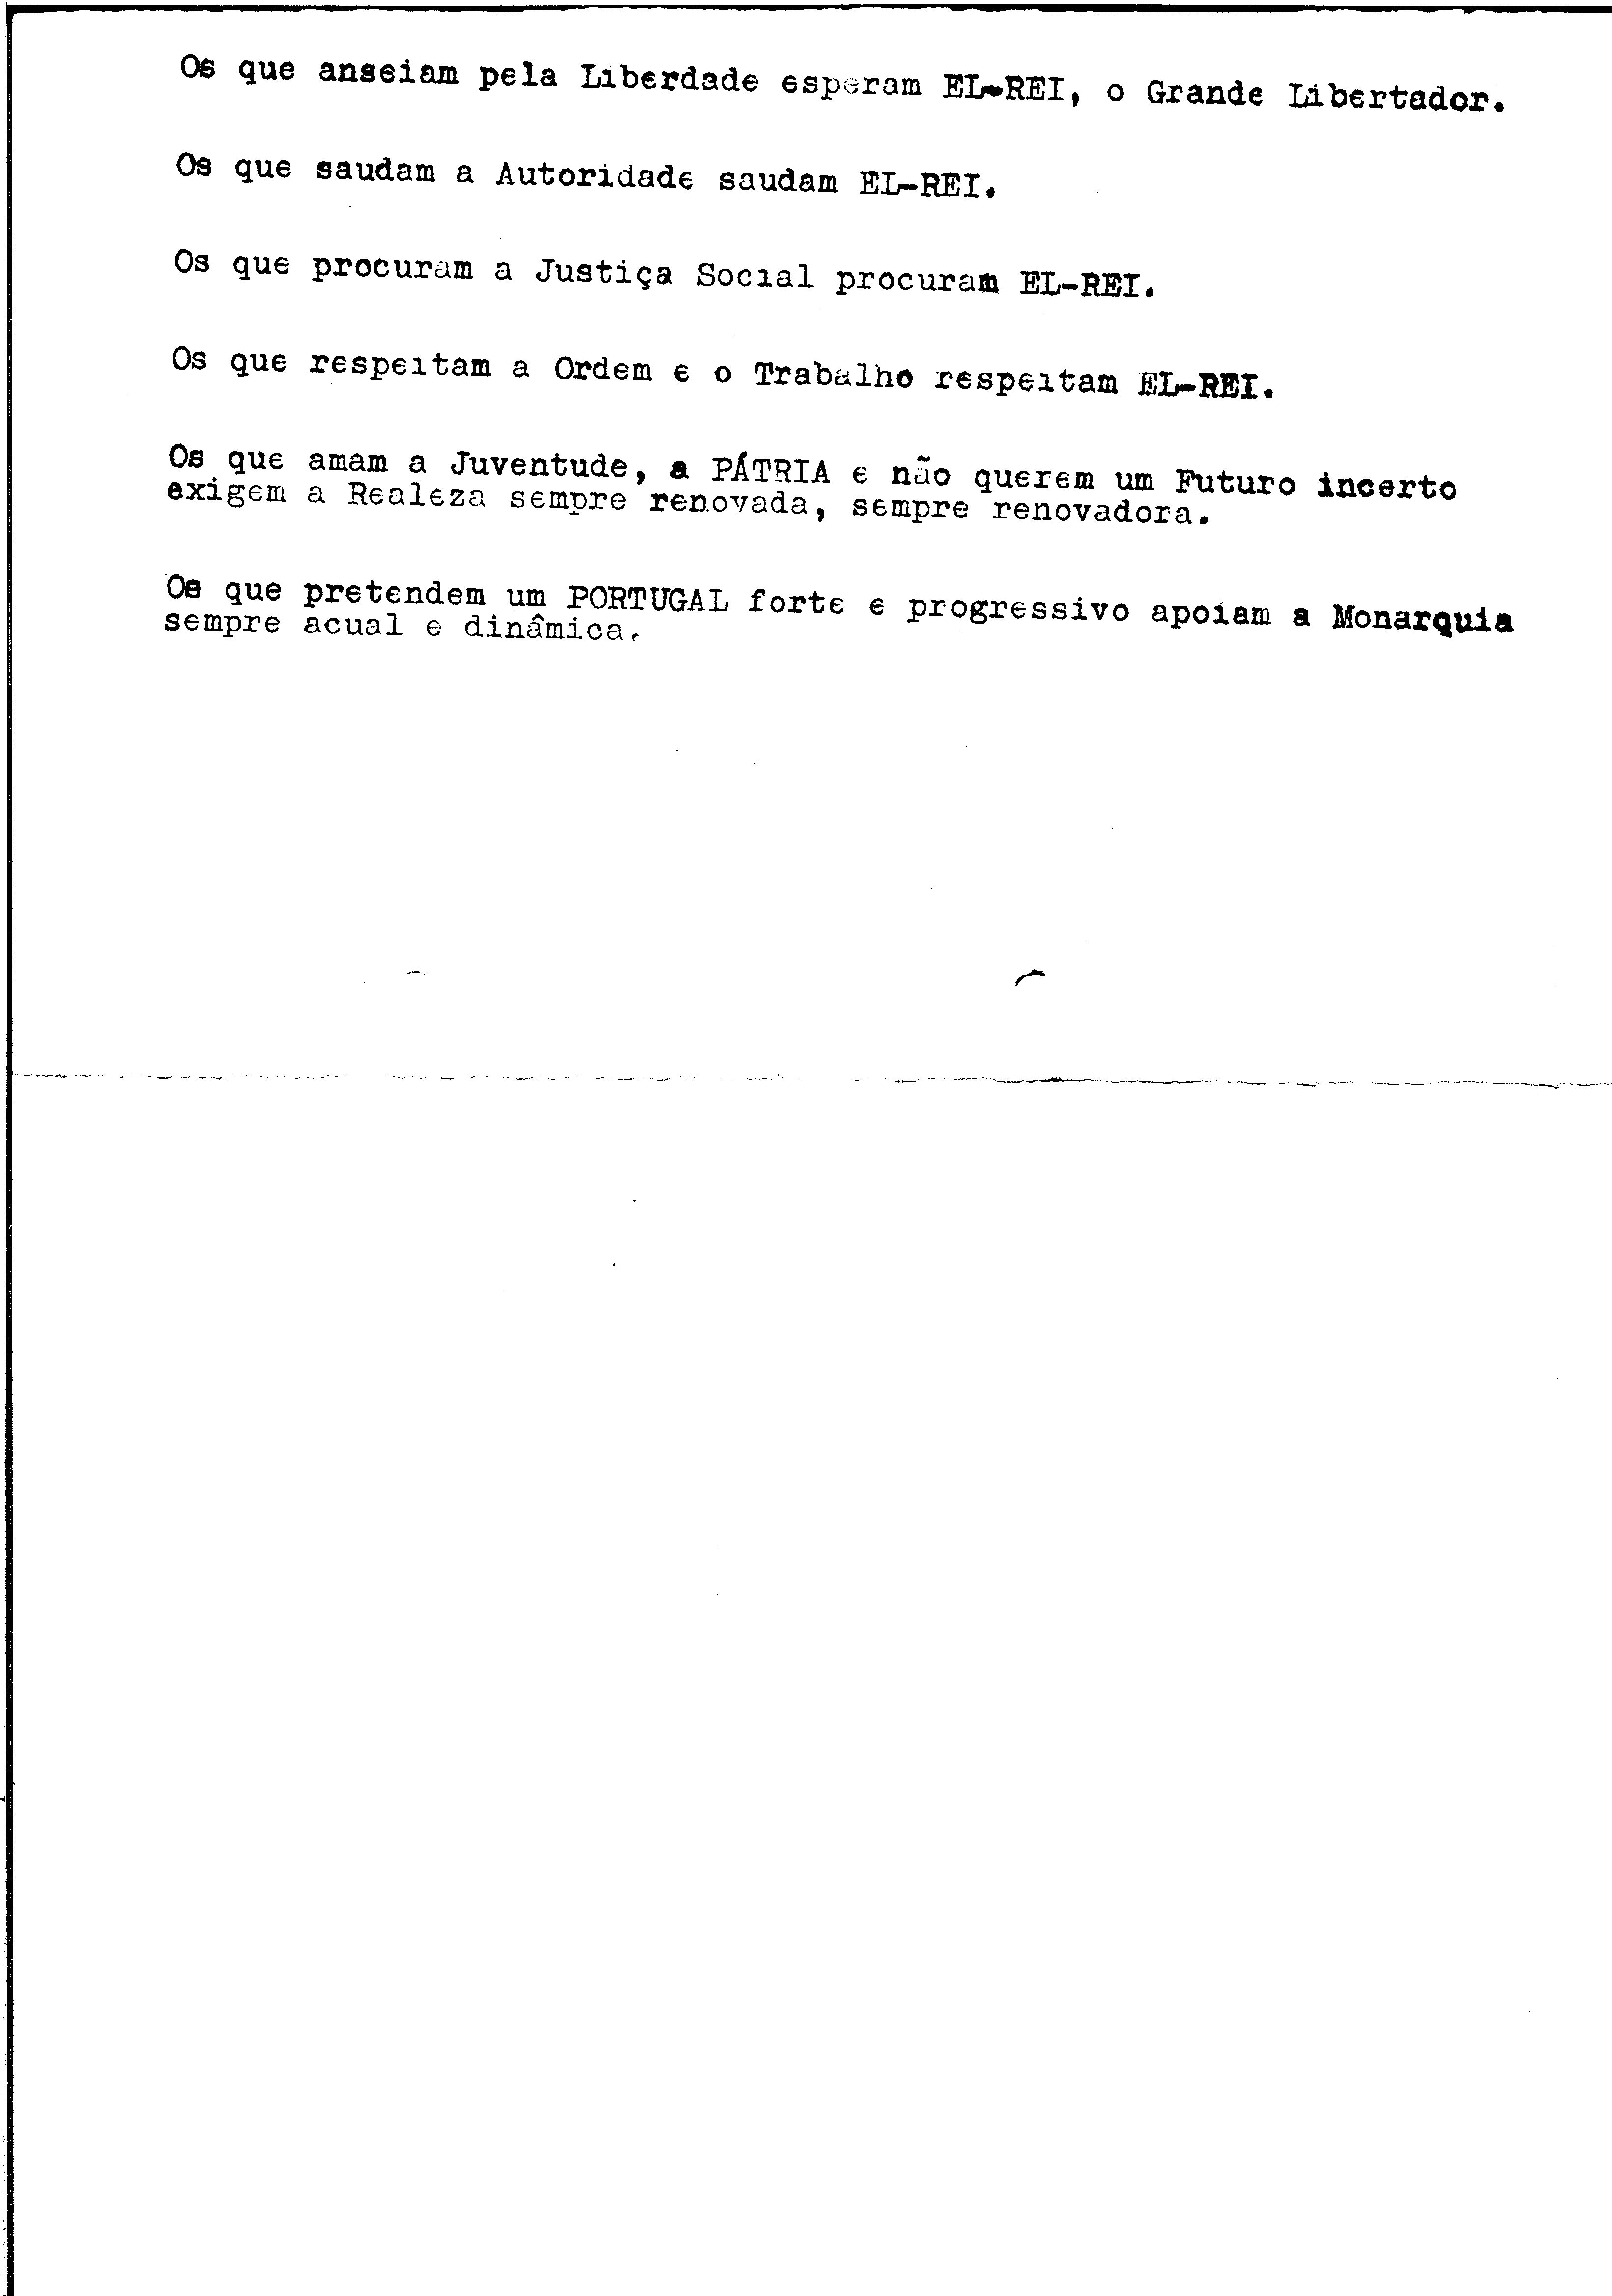 02591.009- pag.1